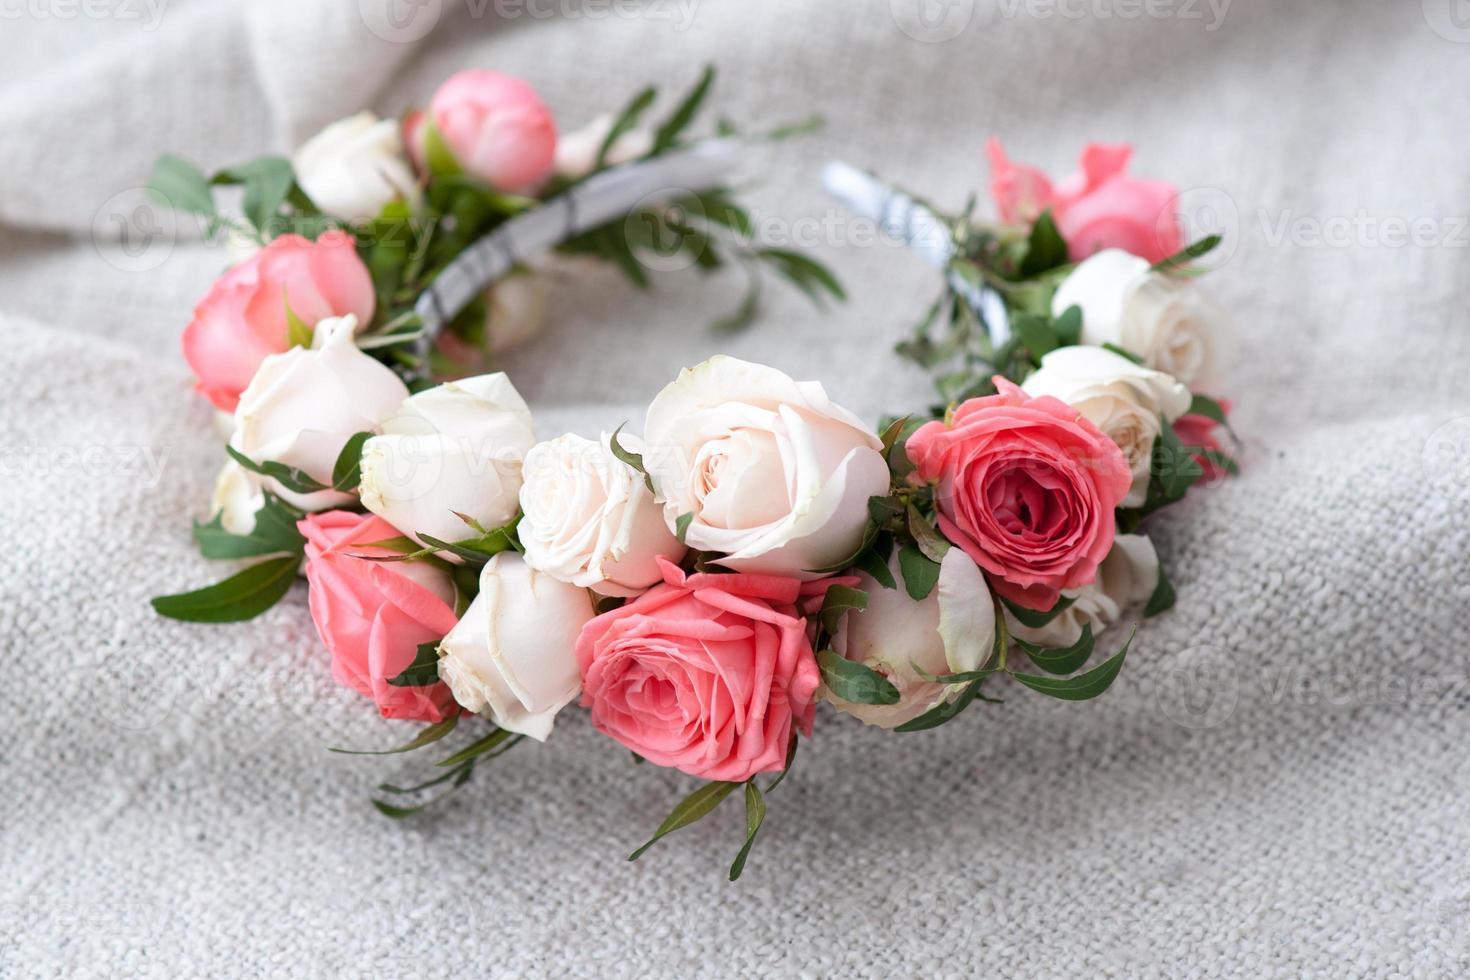 tiara van kunstmatige rozen op houten achtergrond. foto